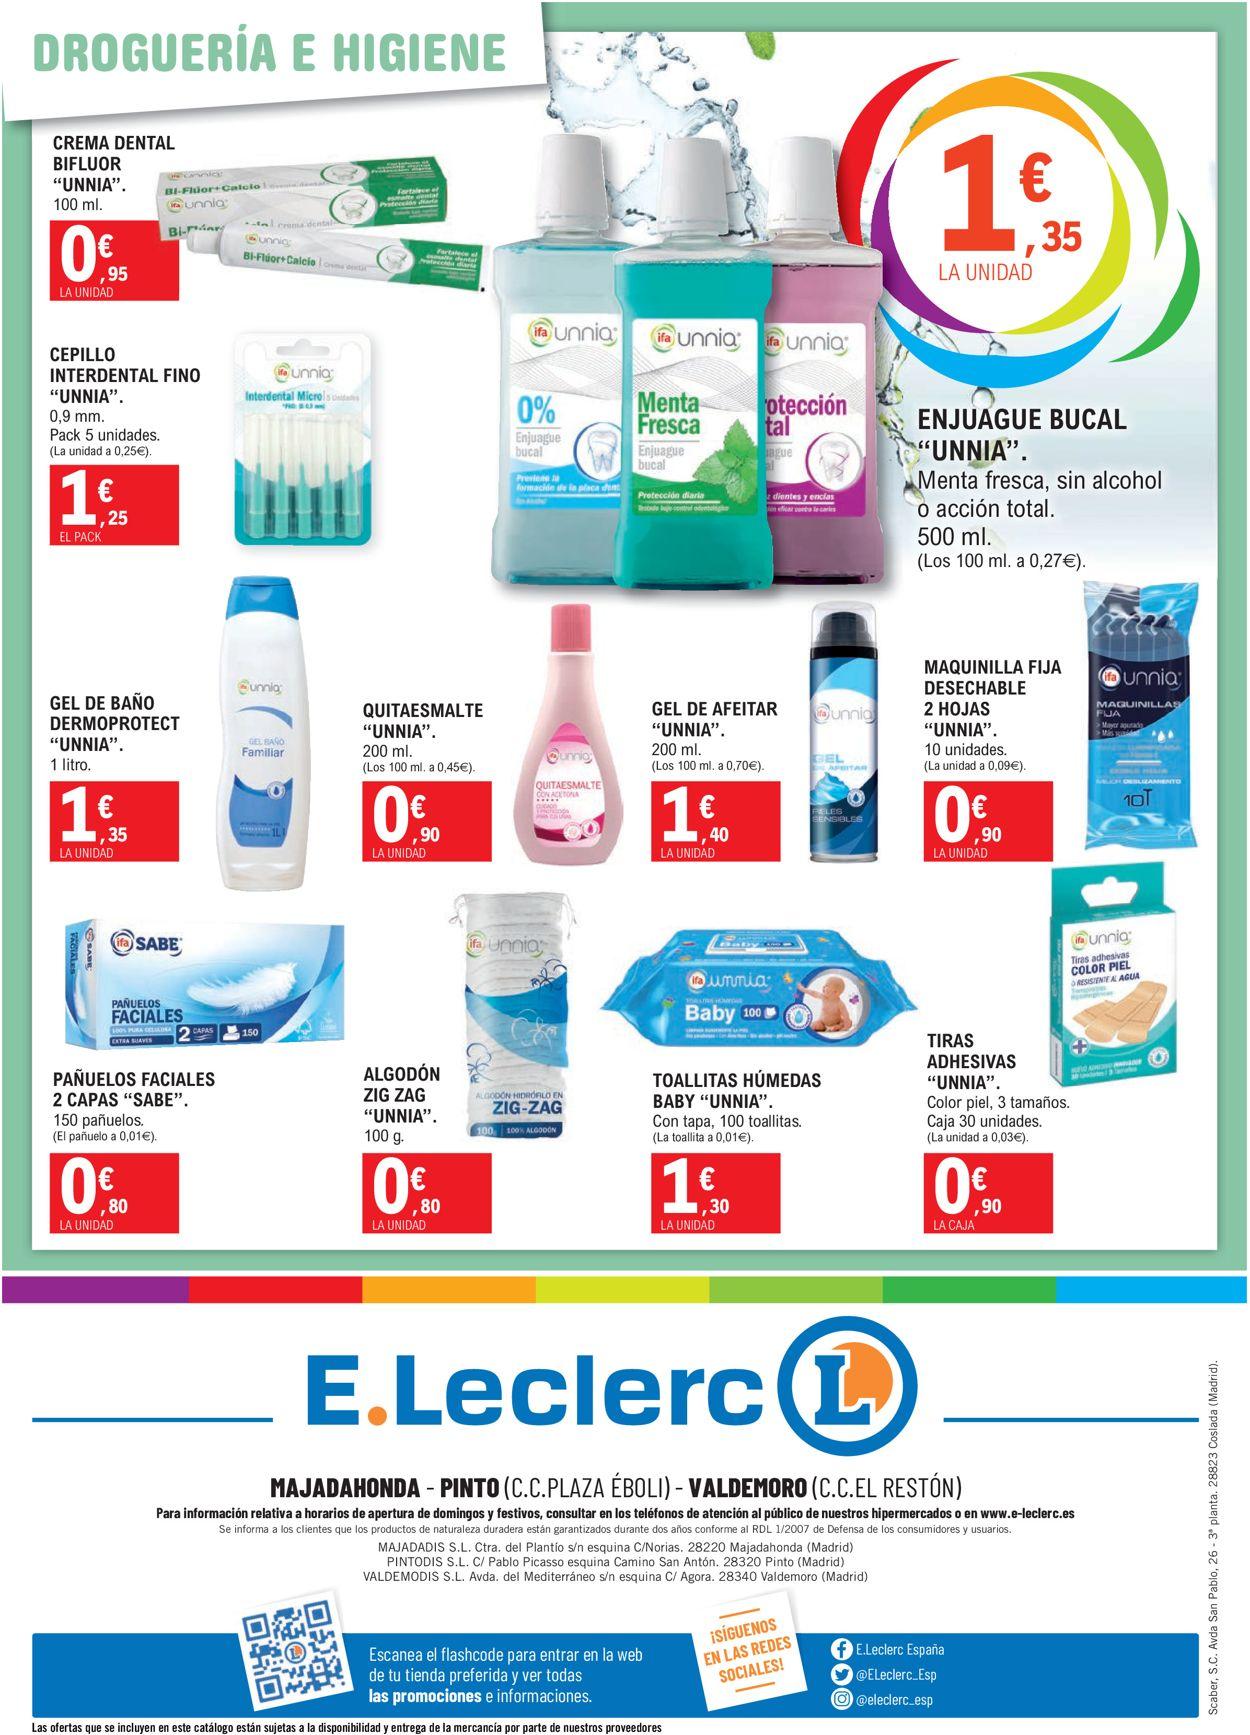 E.leclerc Calidad a precios bajos 2021 Folleto - 27.01-07.02.2021 (Página 16)